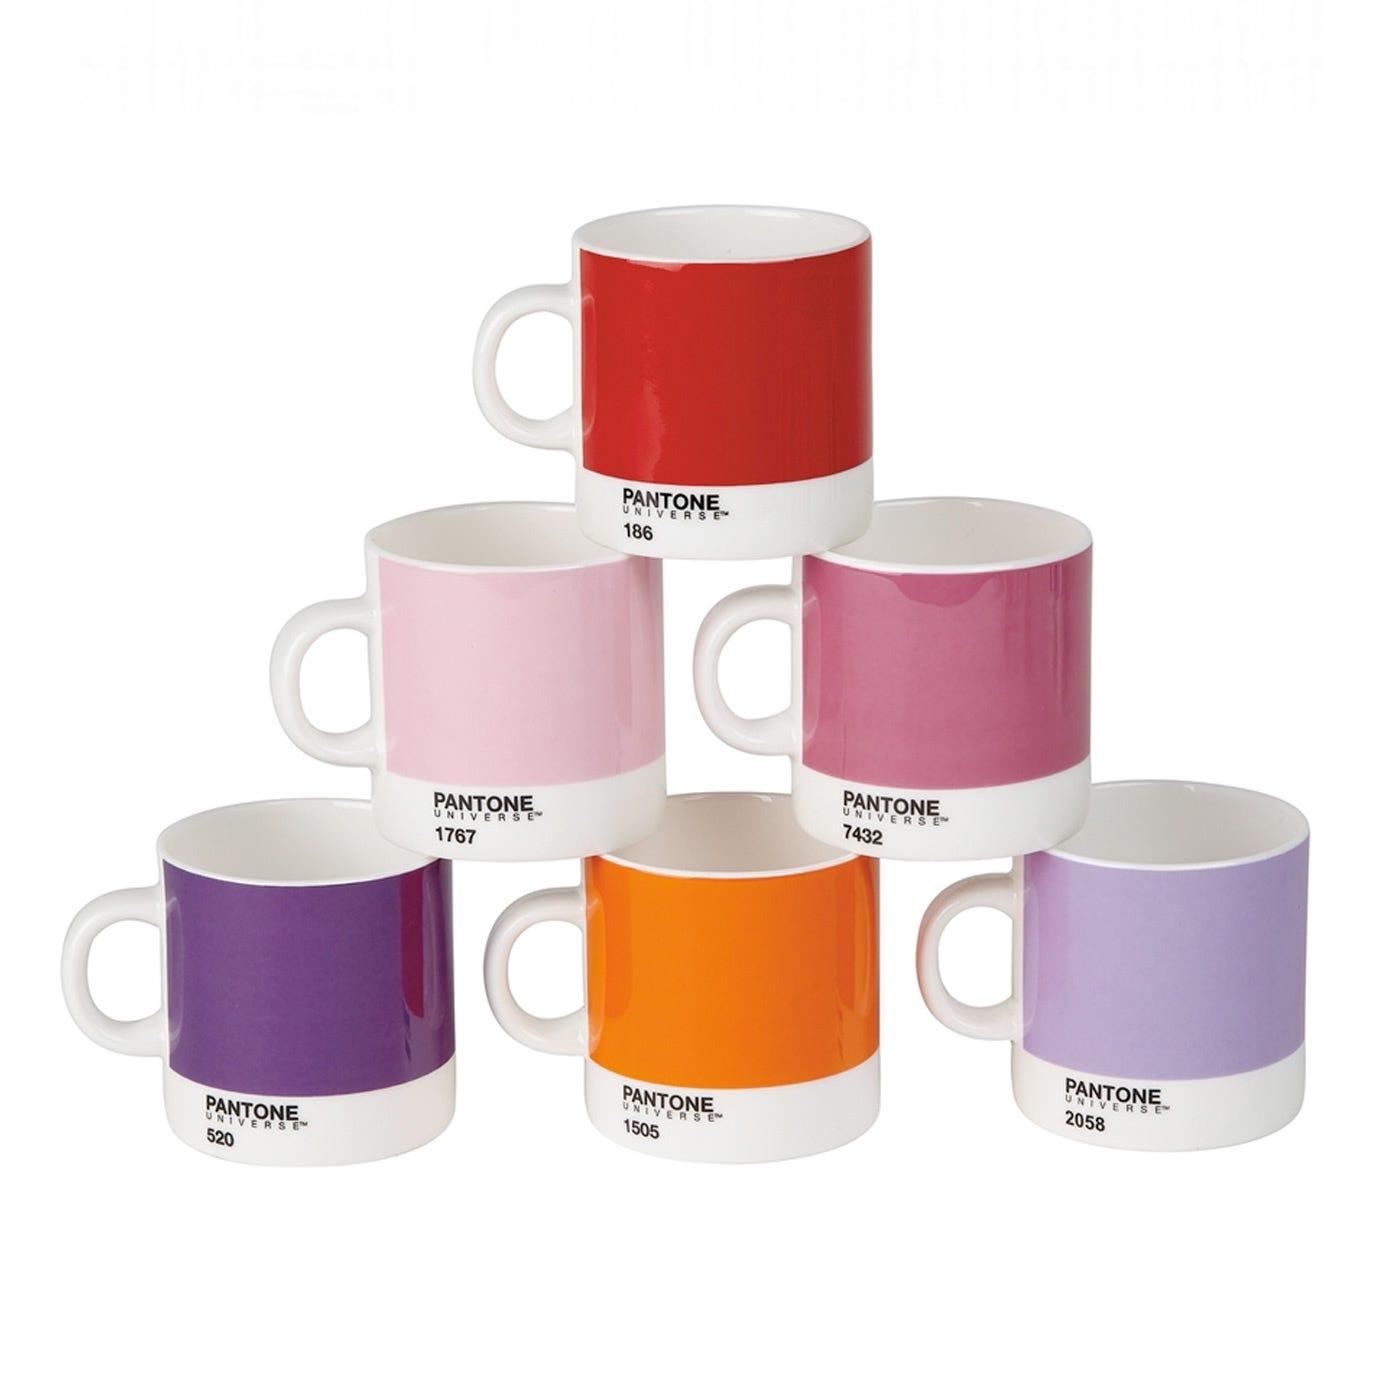 Pantone Pantone Espresso Mug